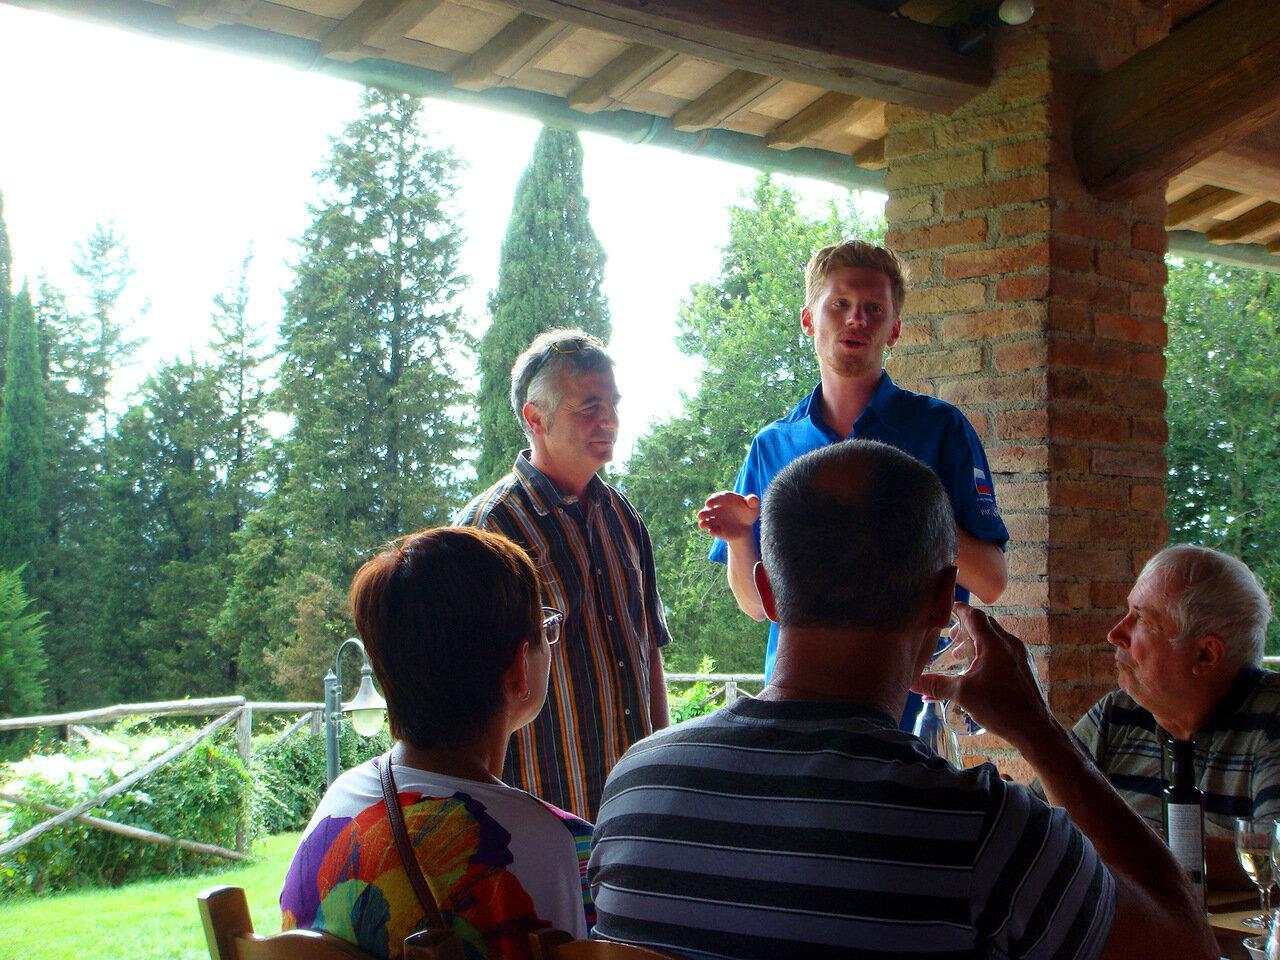 Развязался язык во время дегустации) В центре фото стоит хозяин fattoria Poggio Alloro